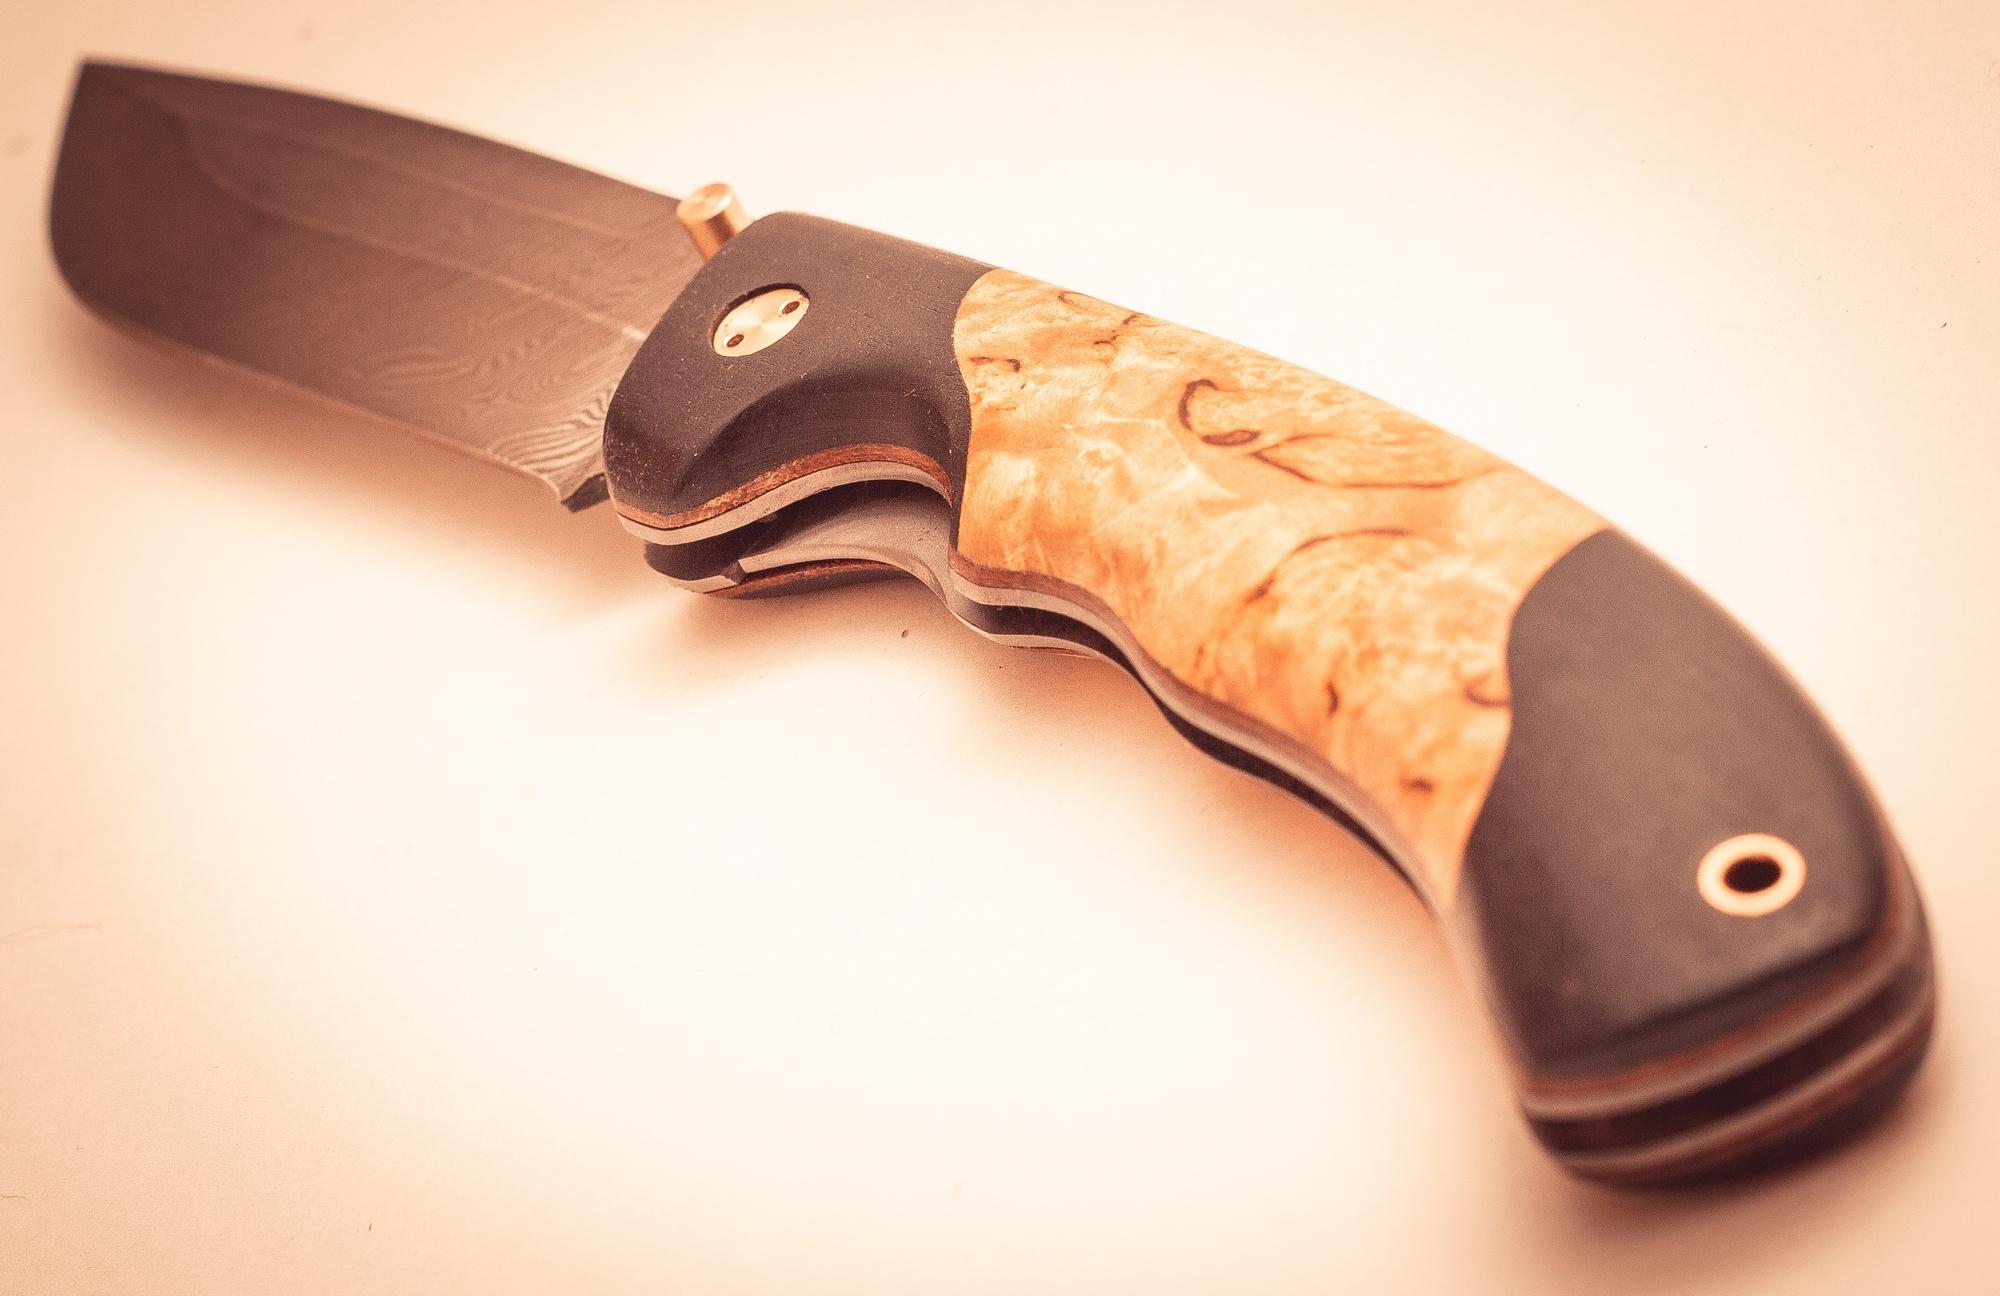 Фото 8 - Складной нож Половец, дамаск,  карельская береза от Марычев